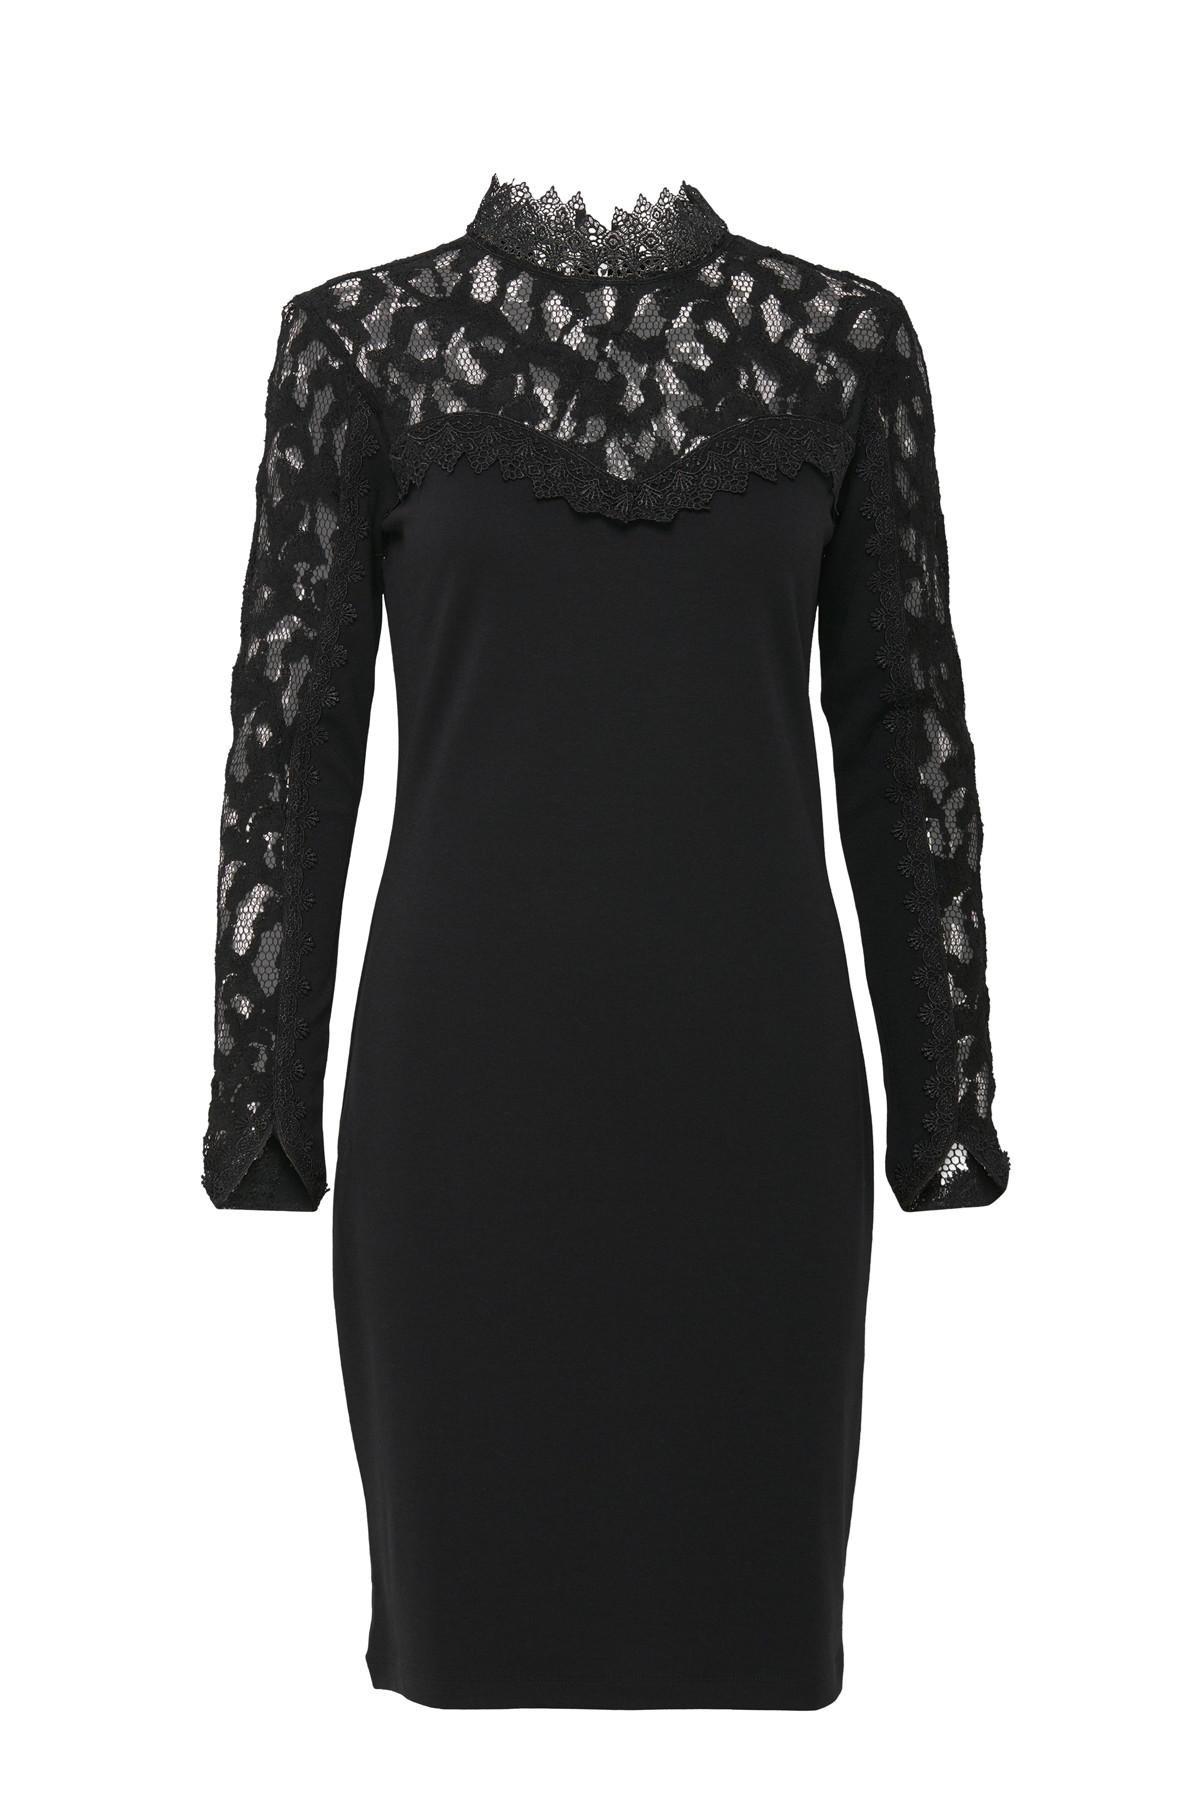 Designer Luxurius Silvester Kleider Damen Boutique15 Schön Silvester Kleider Damen Vertrieb